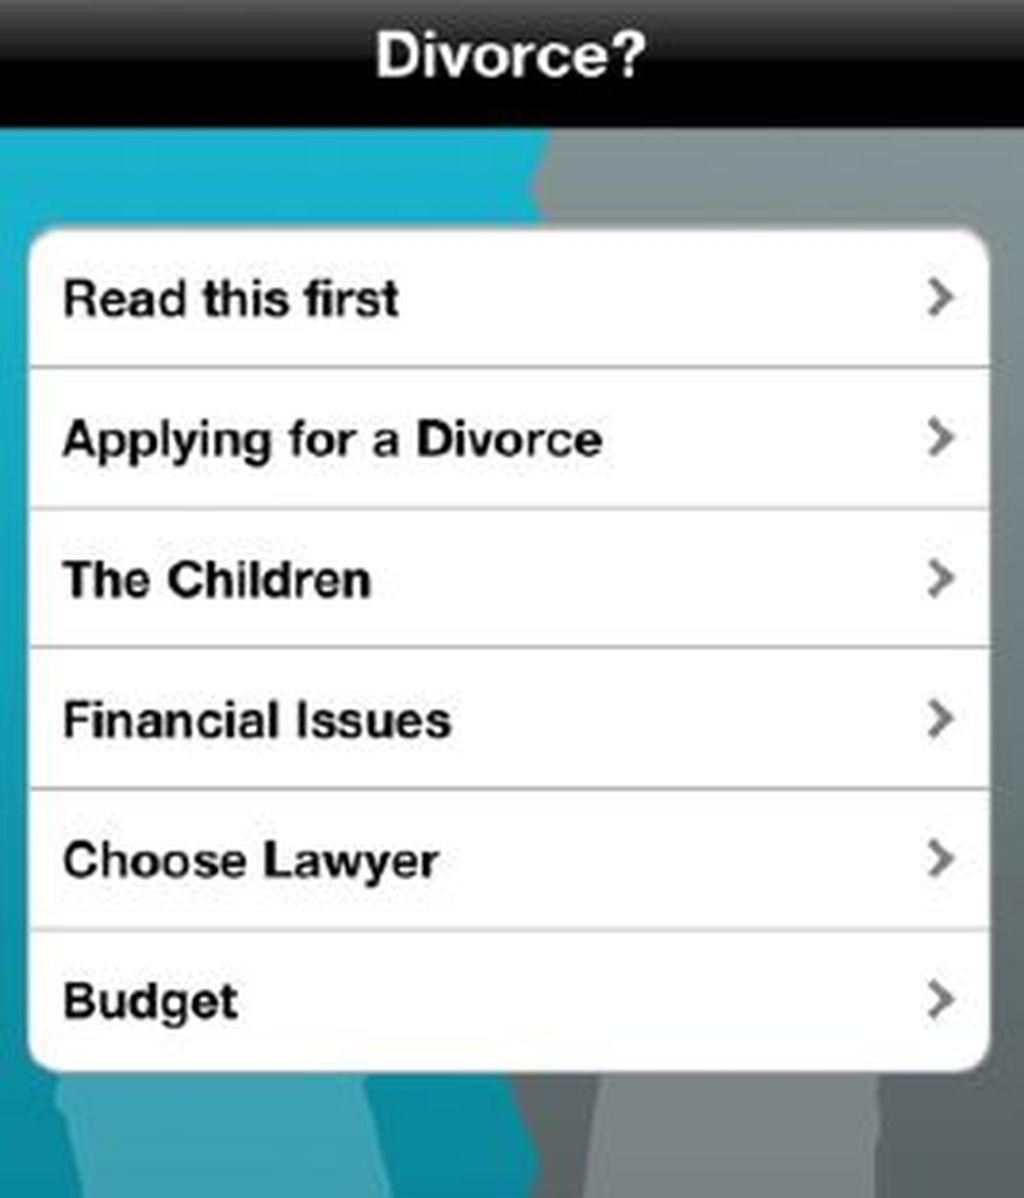 Interfaz de inicio de esta aplicación que se vende como una guía práctica sobre el proceso legal de divocio. Foto iTunes